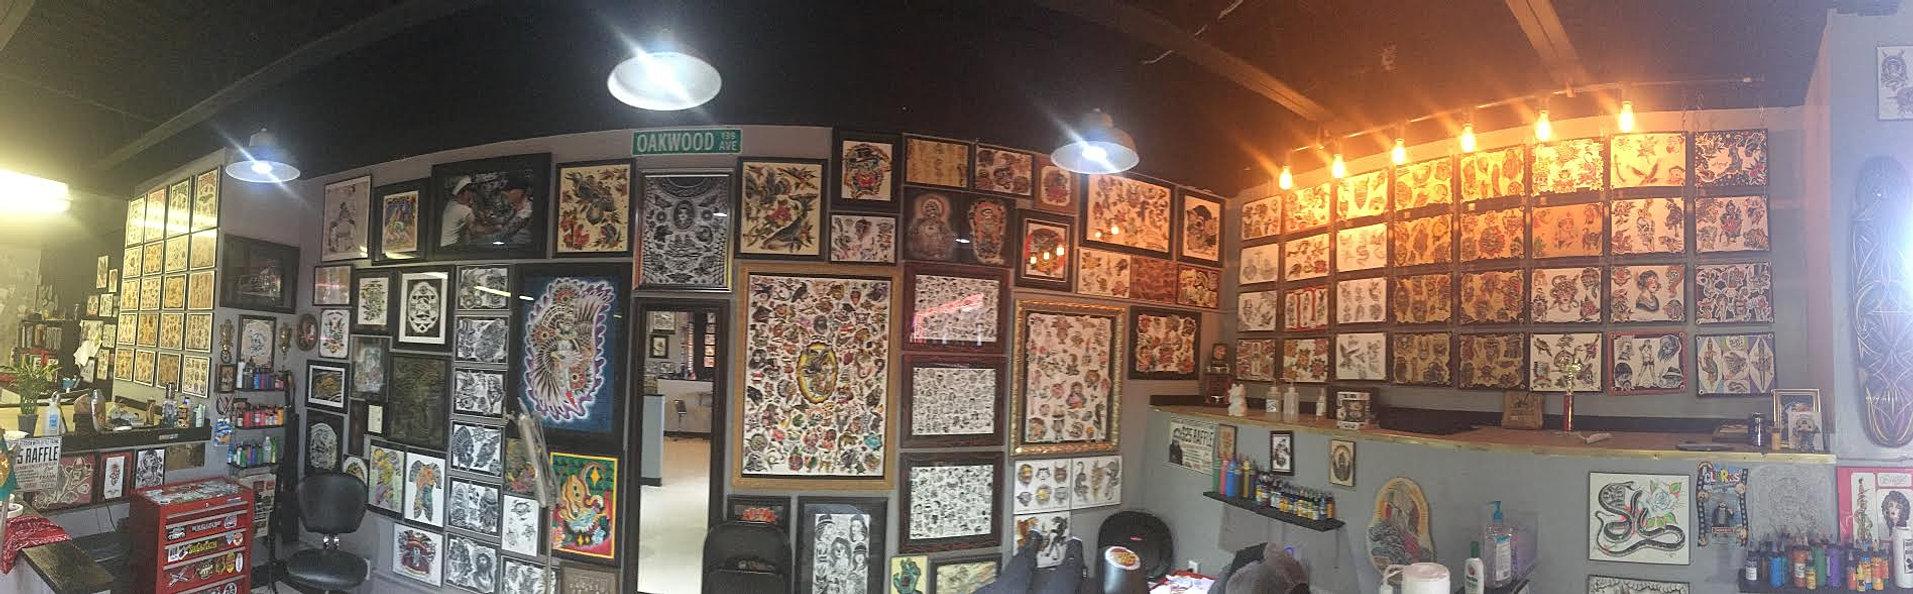 Artists oakwood tattoo decatur for Oakwood tattoo decatur il